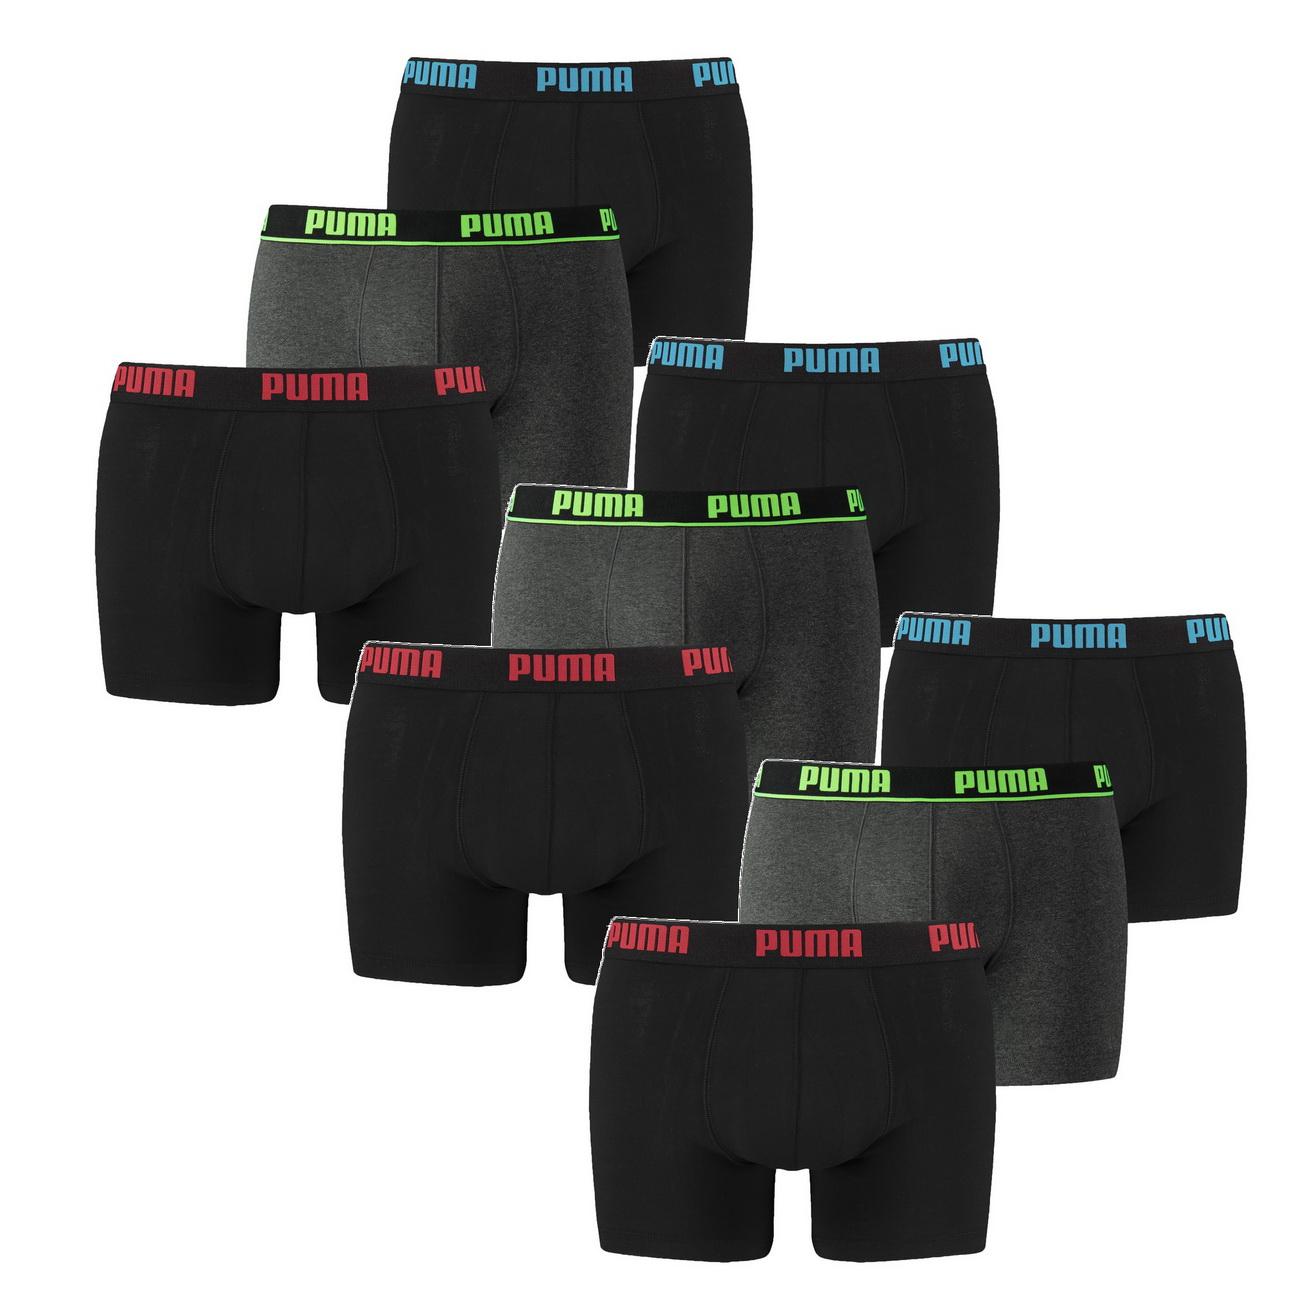 [MyBodywear] 9x PUMA Boxershort S - XL (Verschieden Farben) -> 4,33€ pro Stk. // 6x Boxershort S - XL -> 5,16€ pro Stk. *UPDATE*